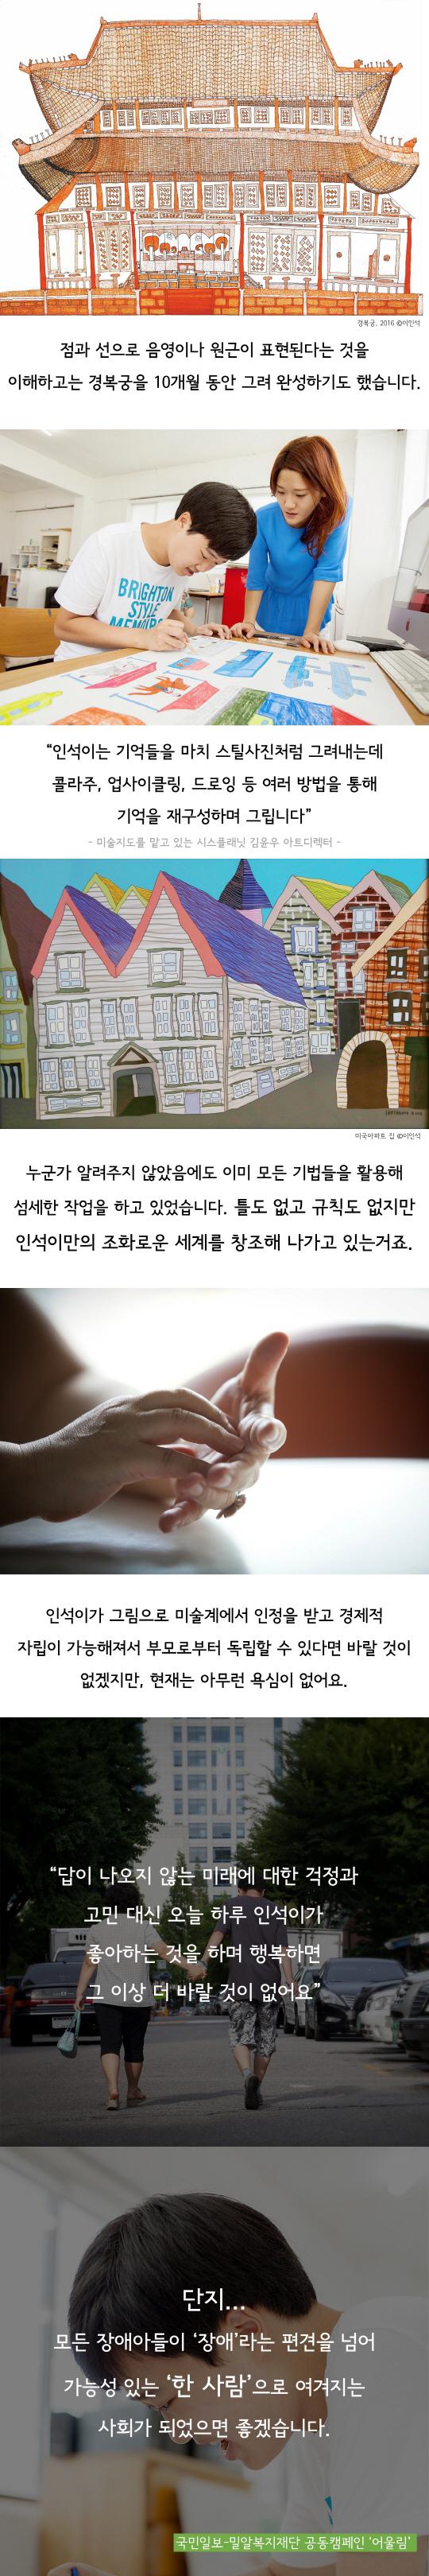 [카드뉴스]'서번트 증후군'  발달장애 이인석씨의 그림 이야기 기사의 사진